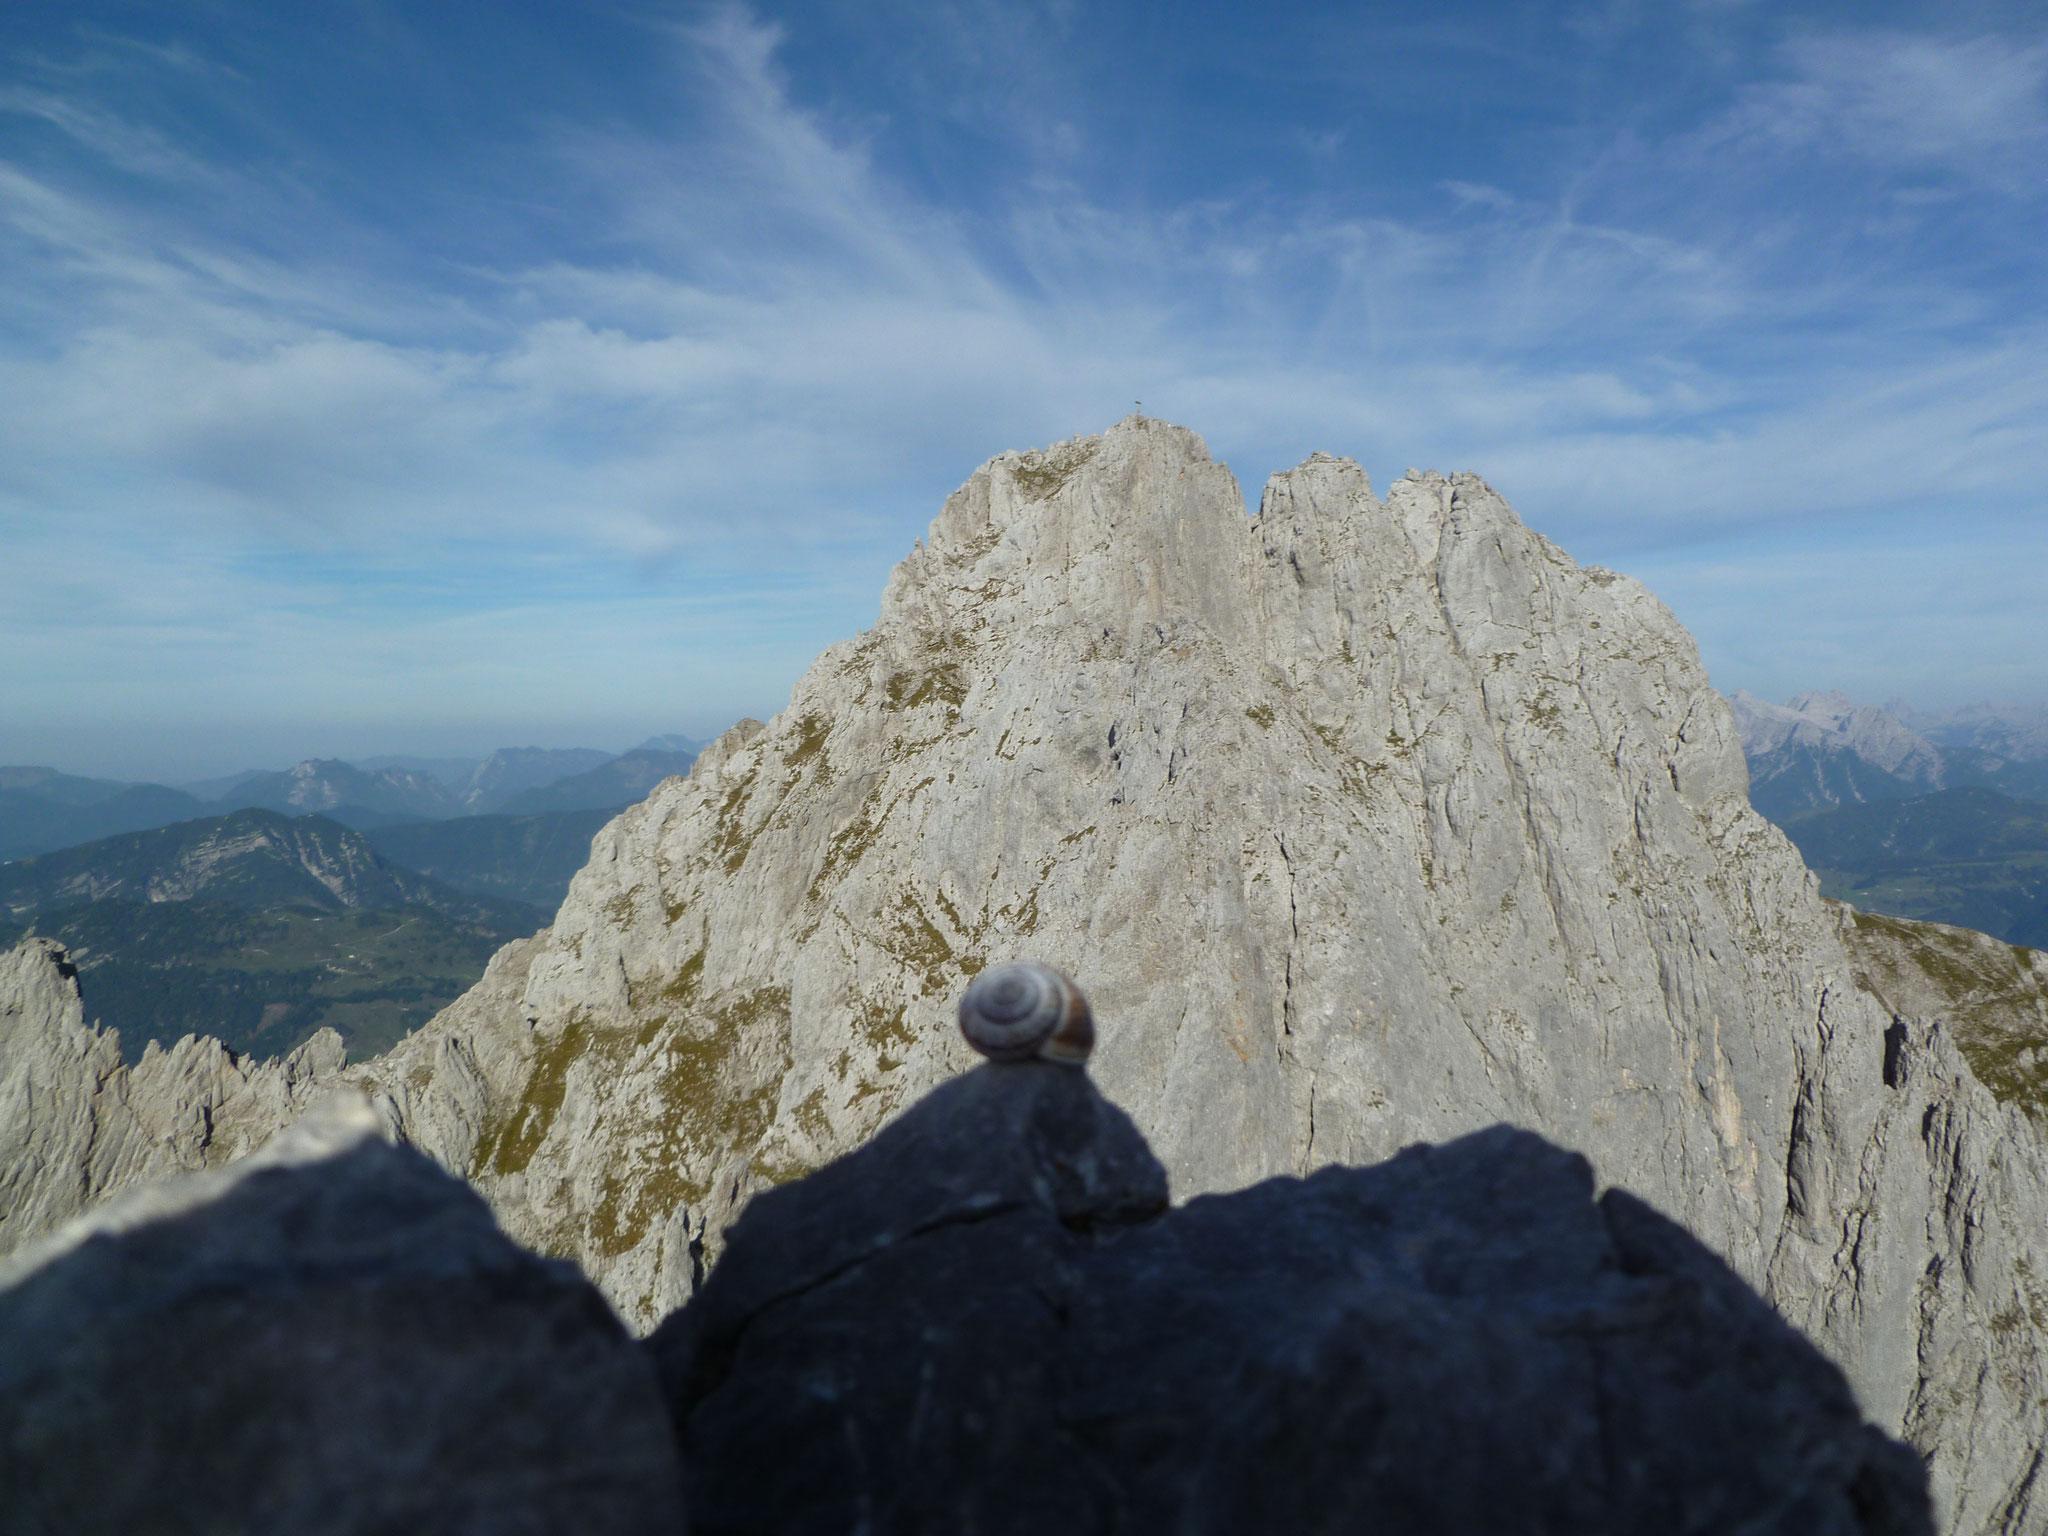 Die Alpinschnecke ist am Gipfel! Im Hintergrund die Ackerlspitze.